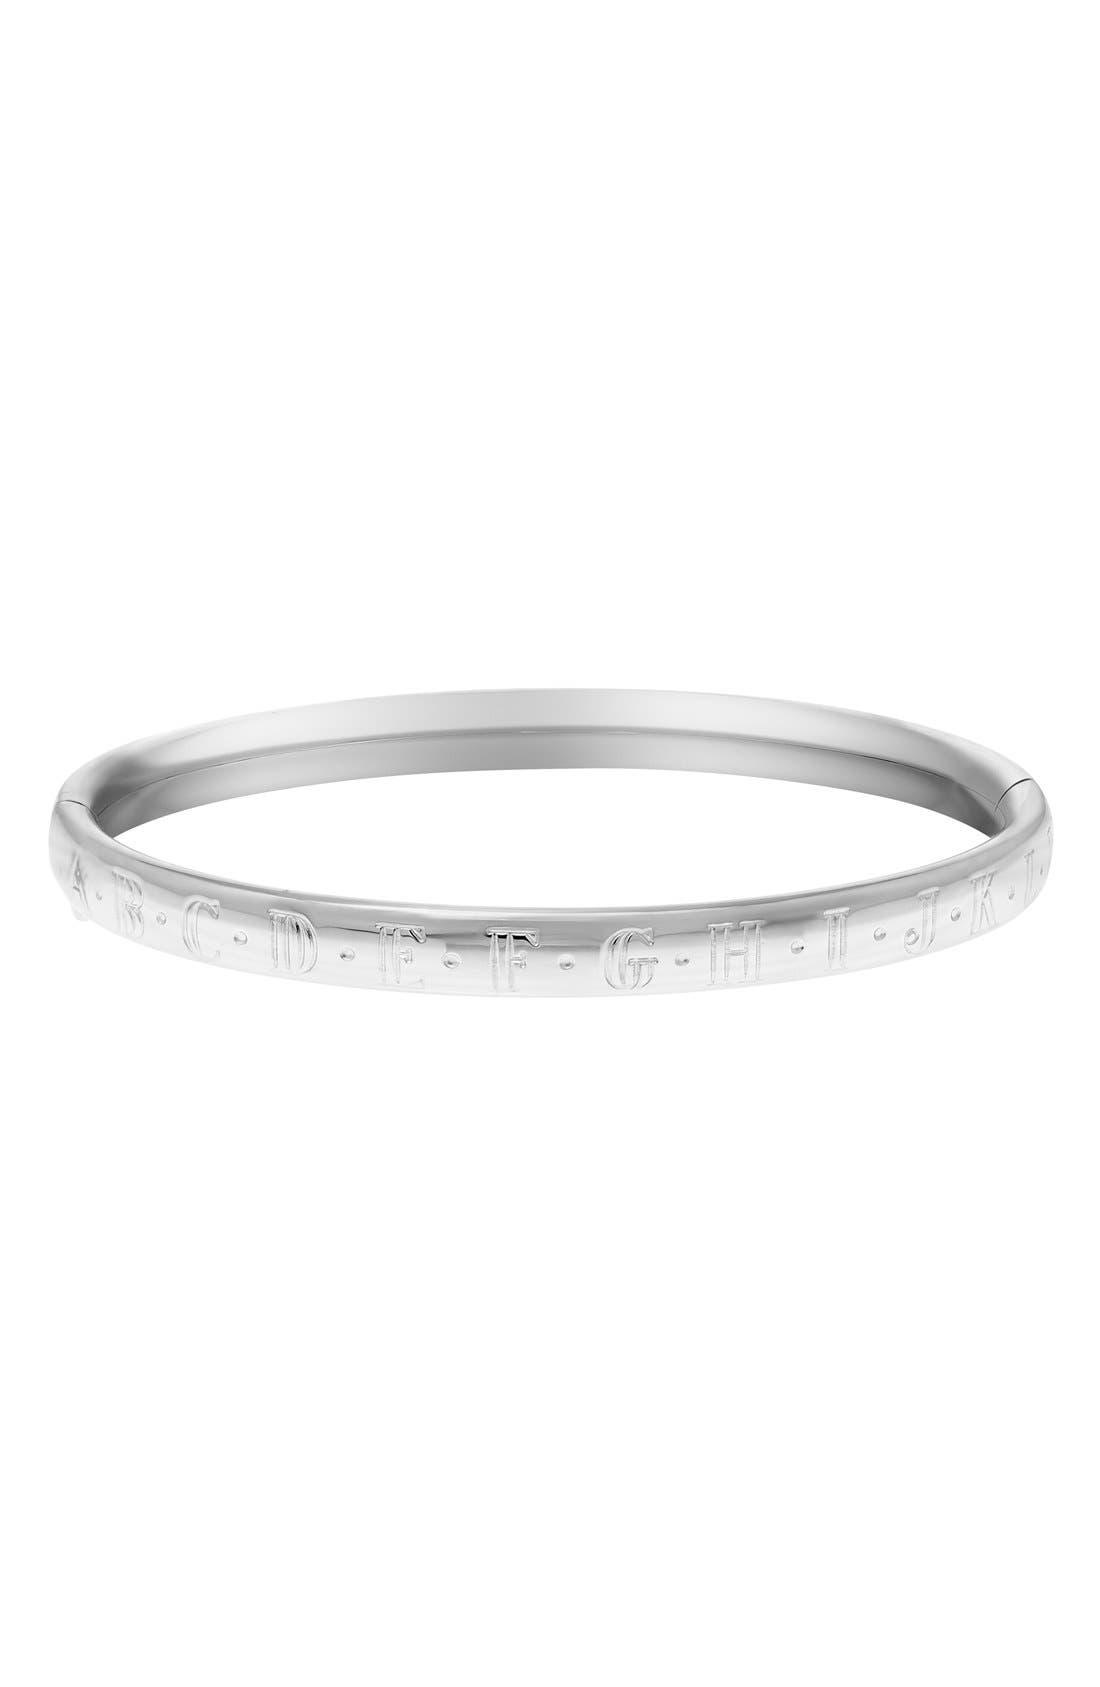 MIGNONETTE Alphabet Sterling Silver Bracelet, Main, color, STERLING SILVER